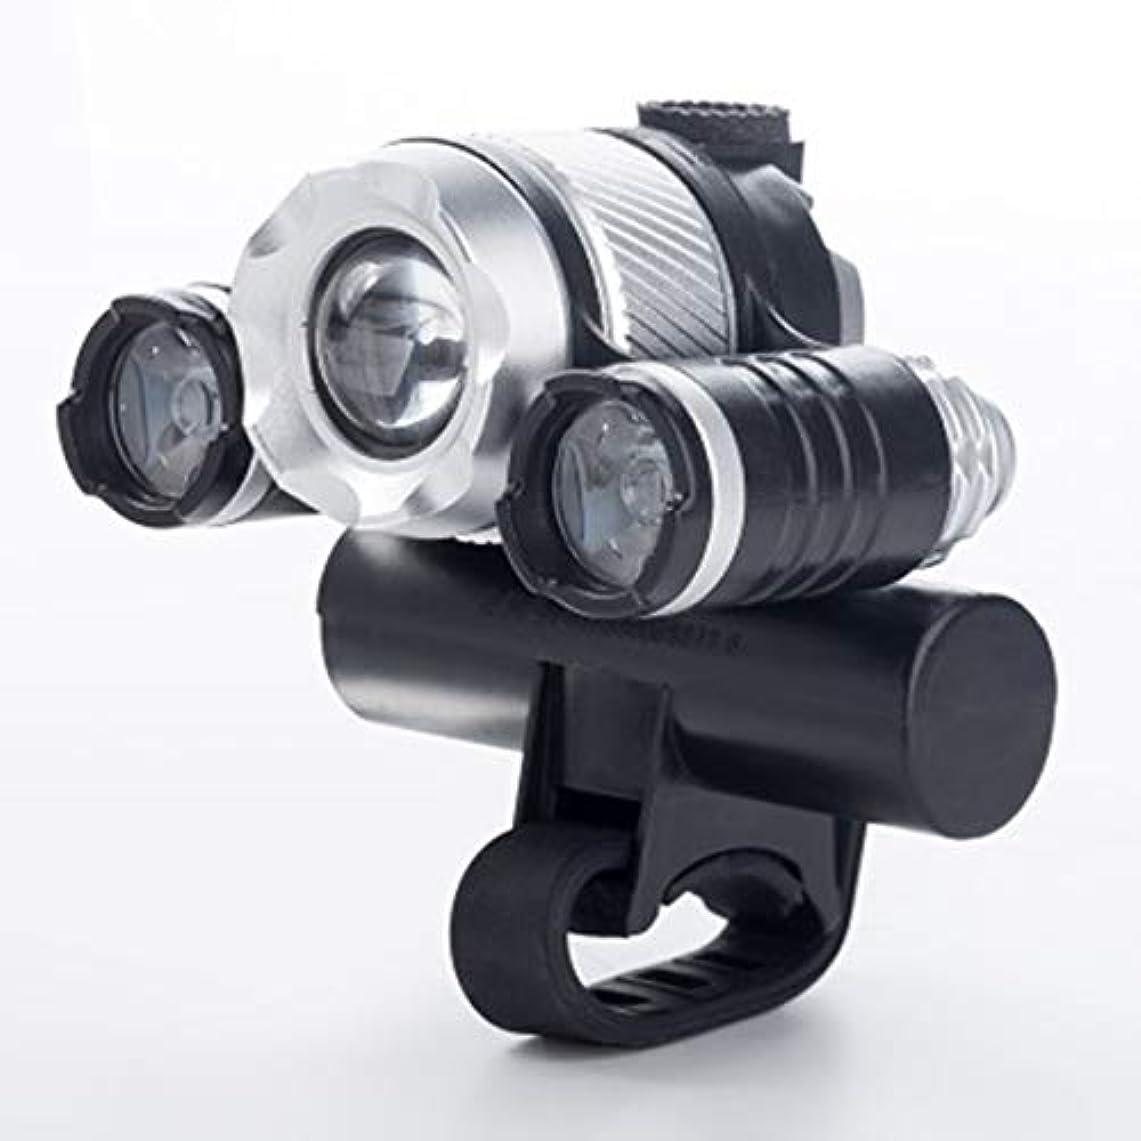 再集計増強する野生Kongqiabona T6 LEDサイクリングランプUSB充電式自転車フロントライト自転車ヘッドライトバイシクルハンドルバーランプバイクパーツ